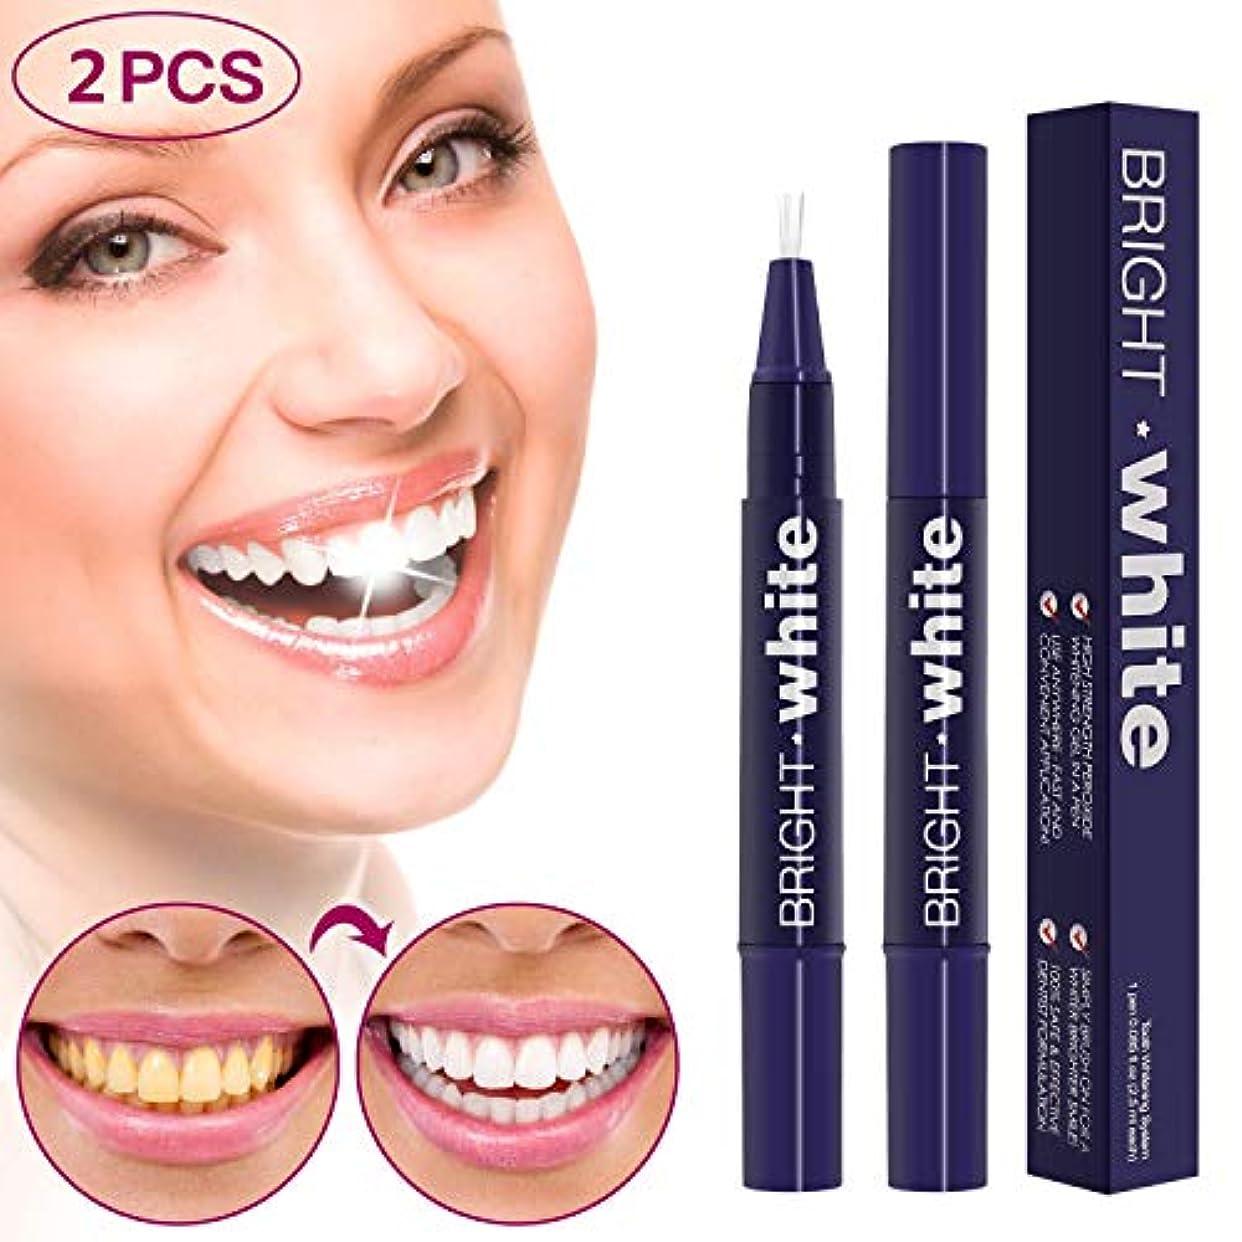 つかいますワット繊細Odette 2019 歯のホワイトニング 美白歯ゲル 歯 ホワイトニングペン ホワイトニングペン 歯ブラシ 輝く笑顔 口臭防止 歯周病防止 2本 (2pcs)